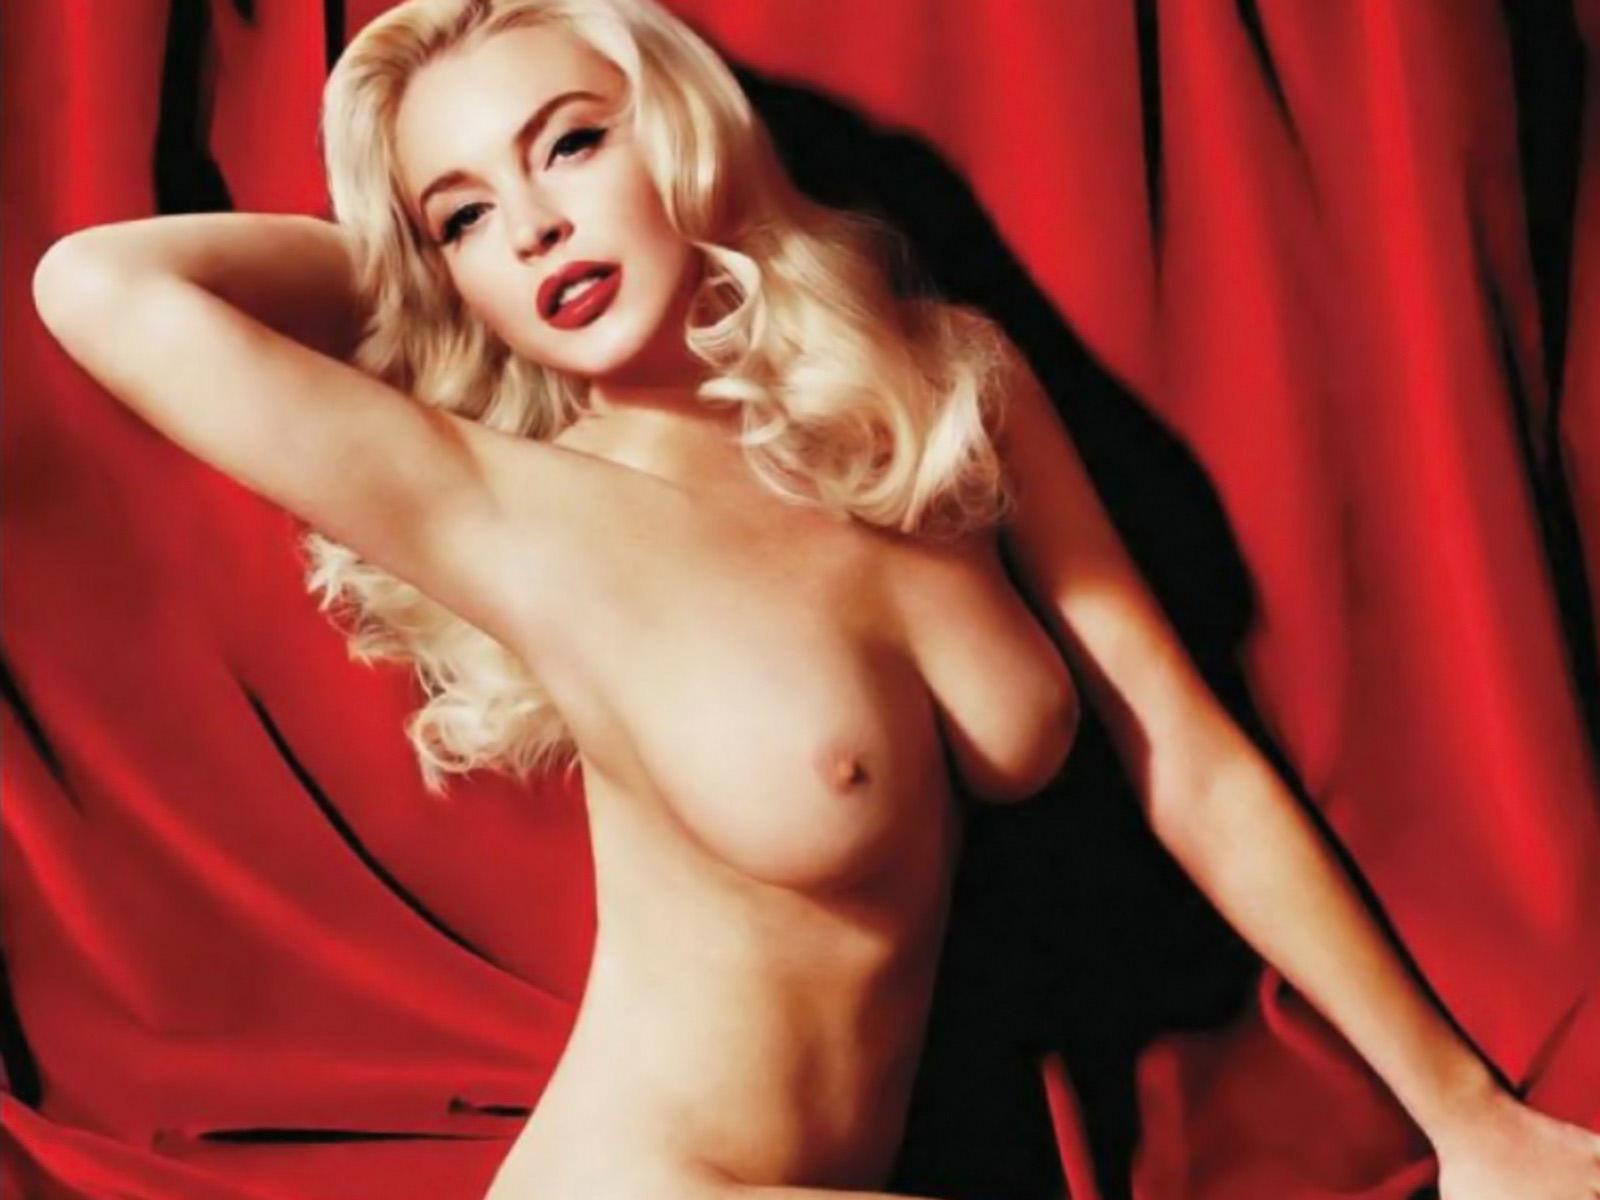 Xxx magazine nude girls — img 14